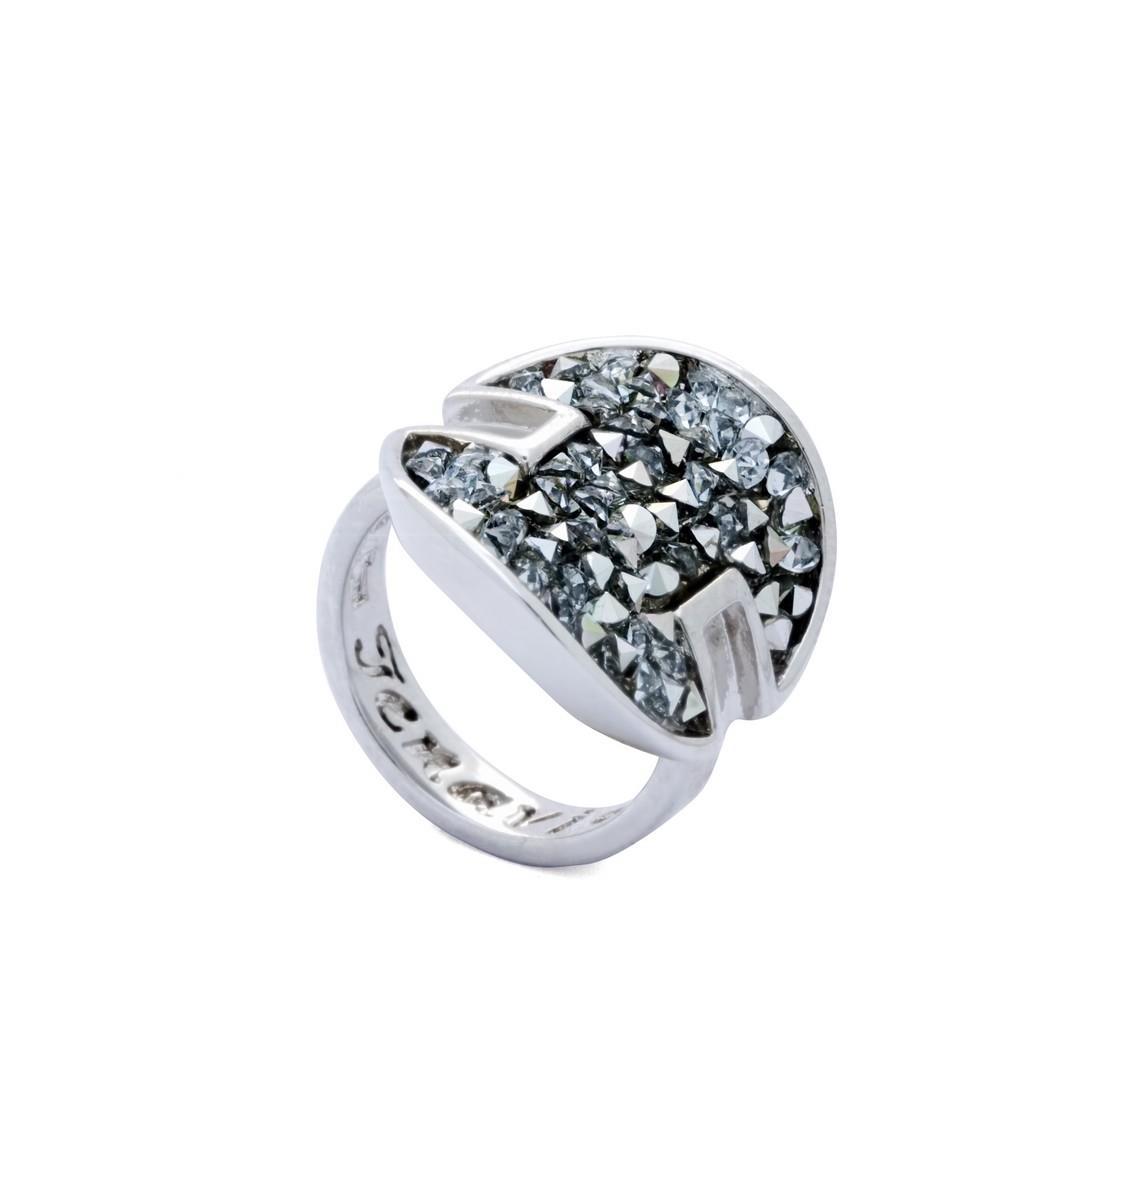 Кольцо Jenavi Октейн, цвет: серебряный, белый. j939f000. Размер 18j939f000Элегантное кольцо Jenavi Октейн выполнено из гипоаллергенного ювелирного сплава, оформлено символикой бренда и кристаллами Swarovski. Стильное кольцо придаст вашему образу изюминку, подчеркнет индивидуальность.